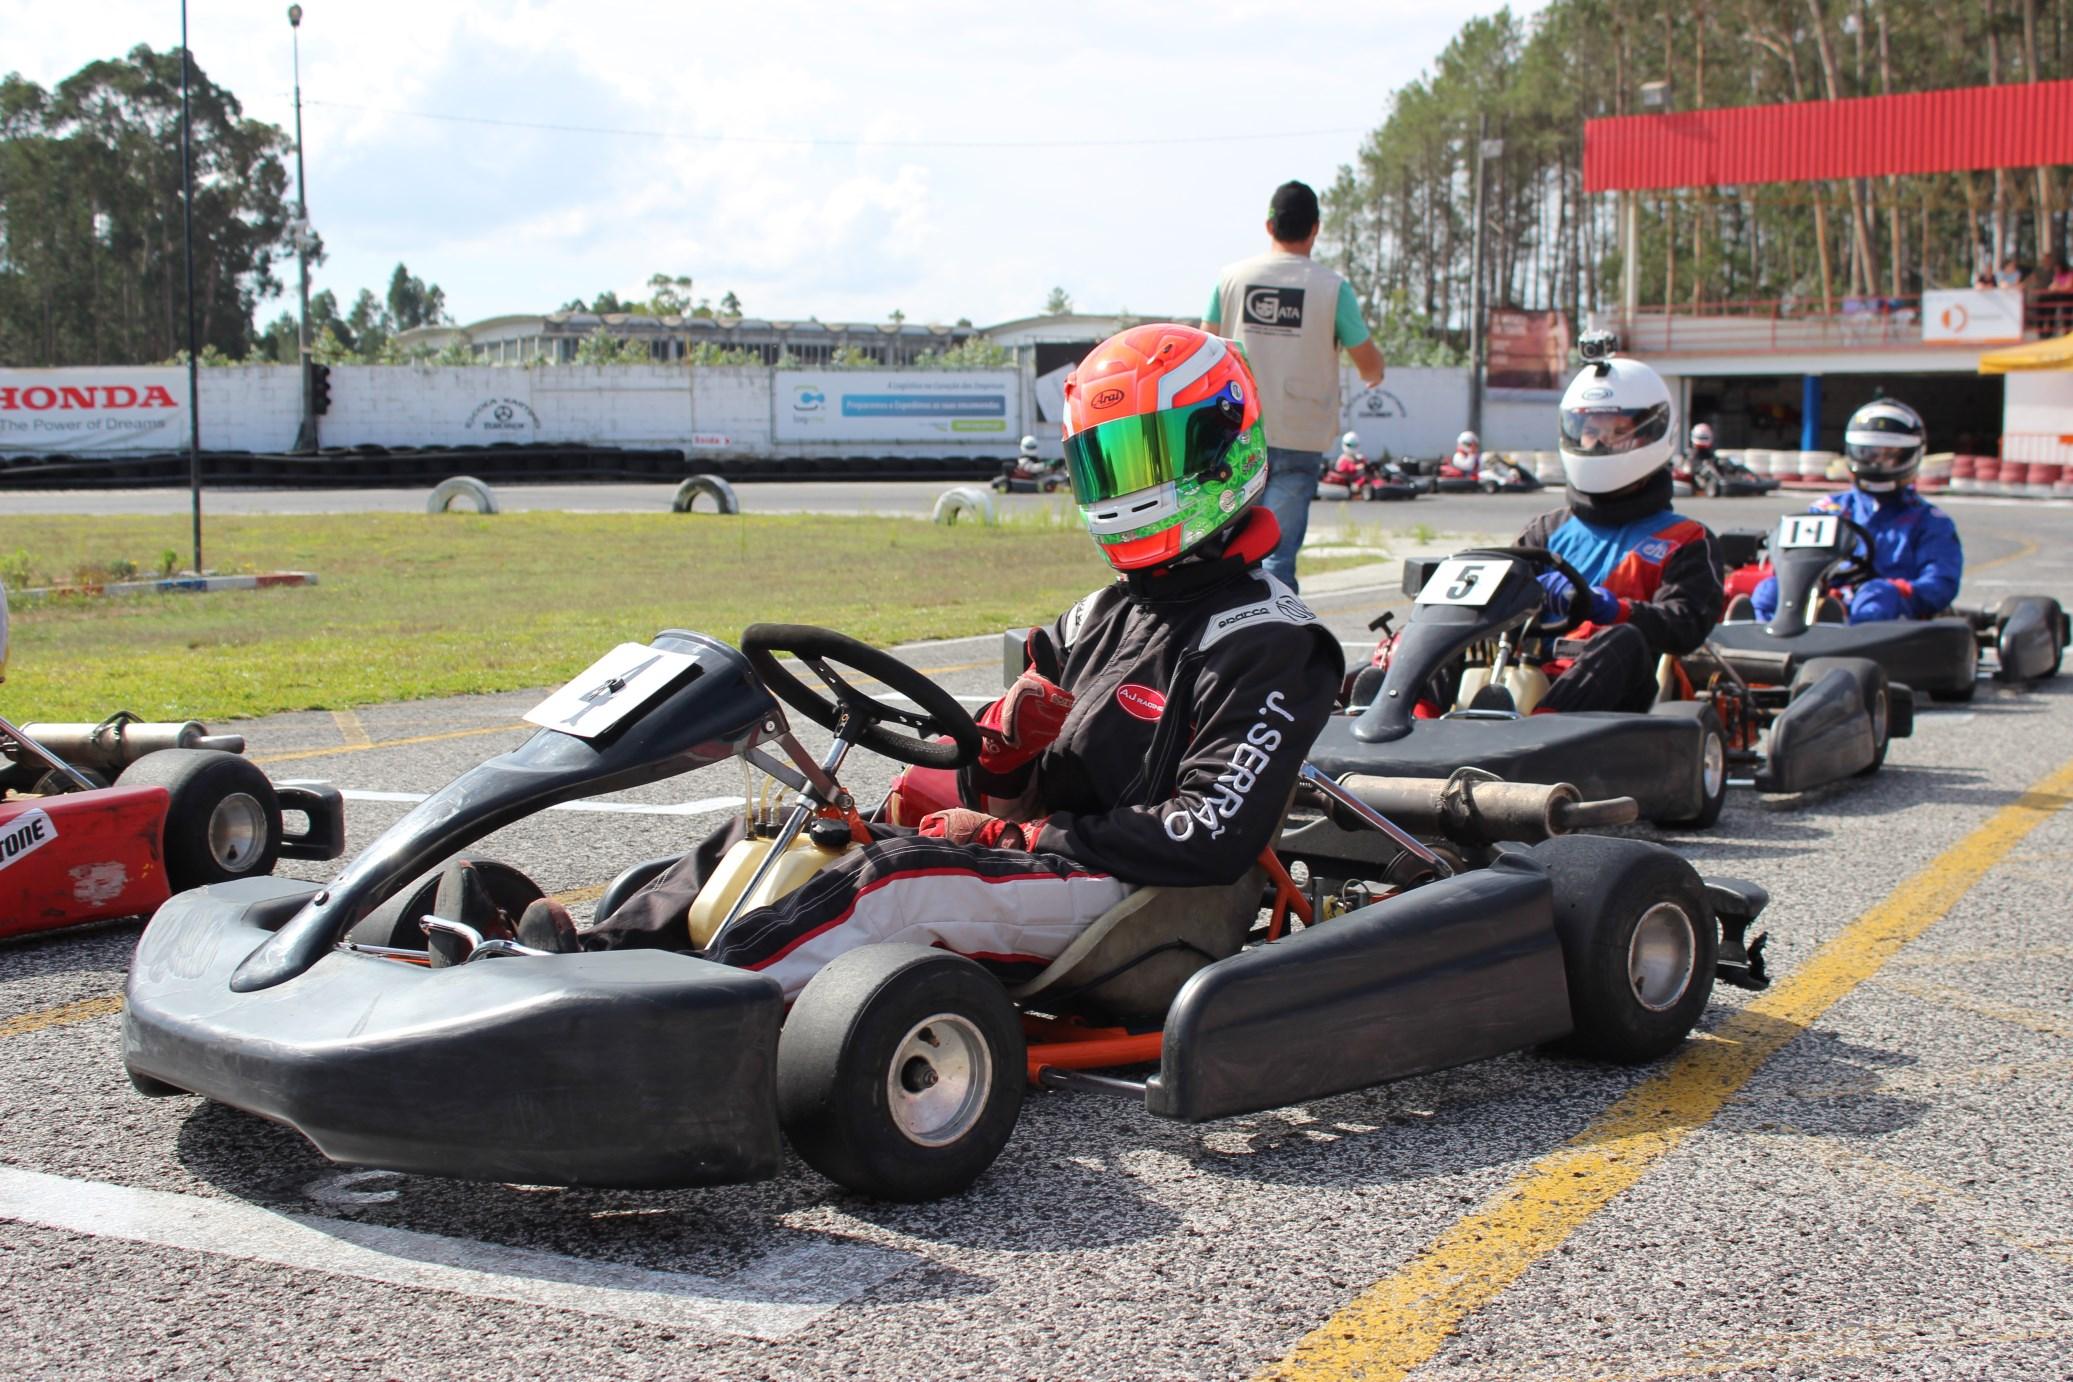 Troféu Honda 2014 - 3ª Prova64